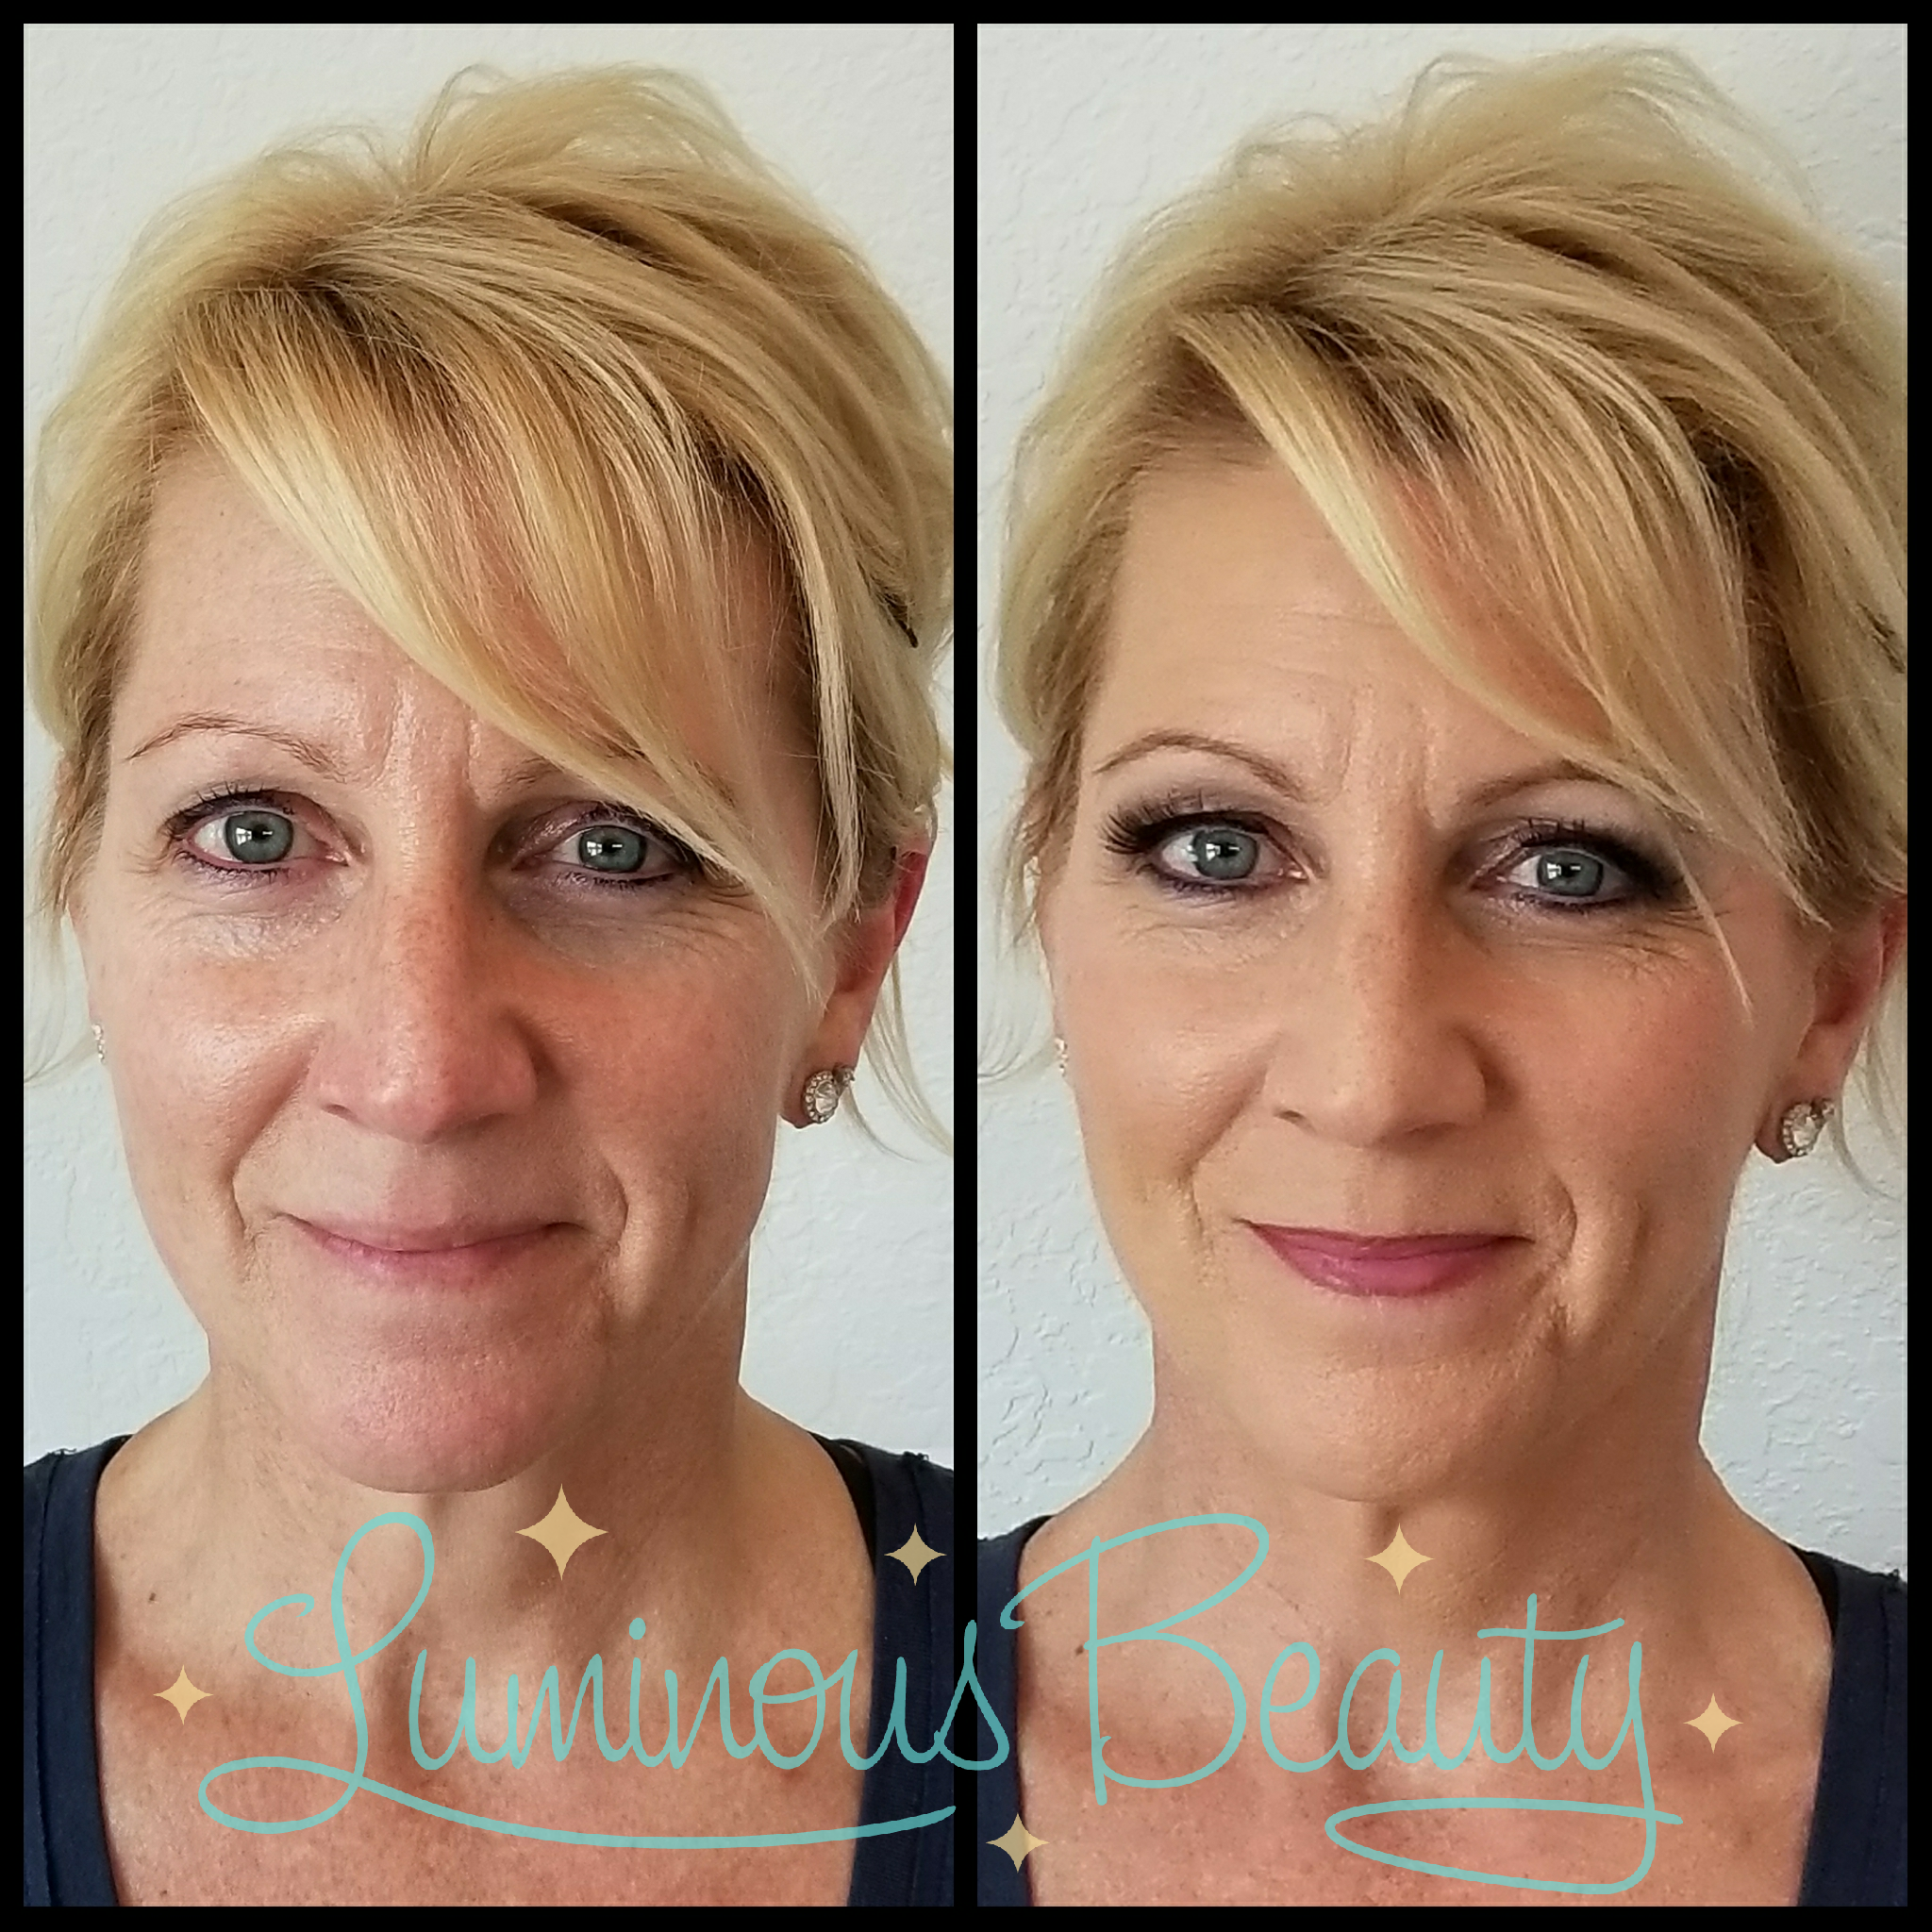 Smokin Hot MOG Makeup with Airbrush and False Lashes. Luminous Beauty Makeup Artist.png